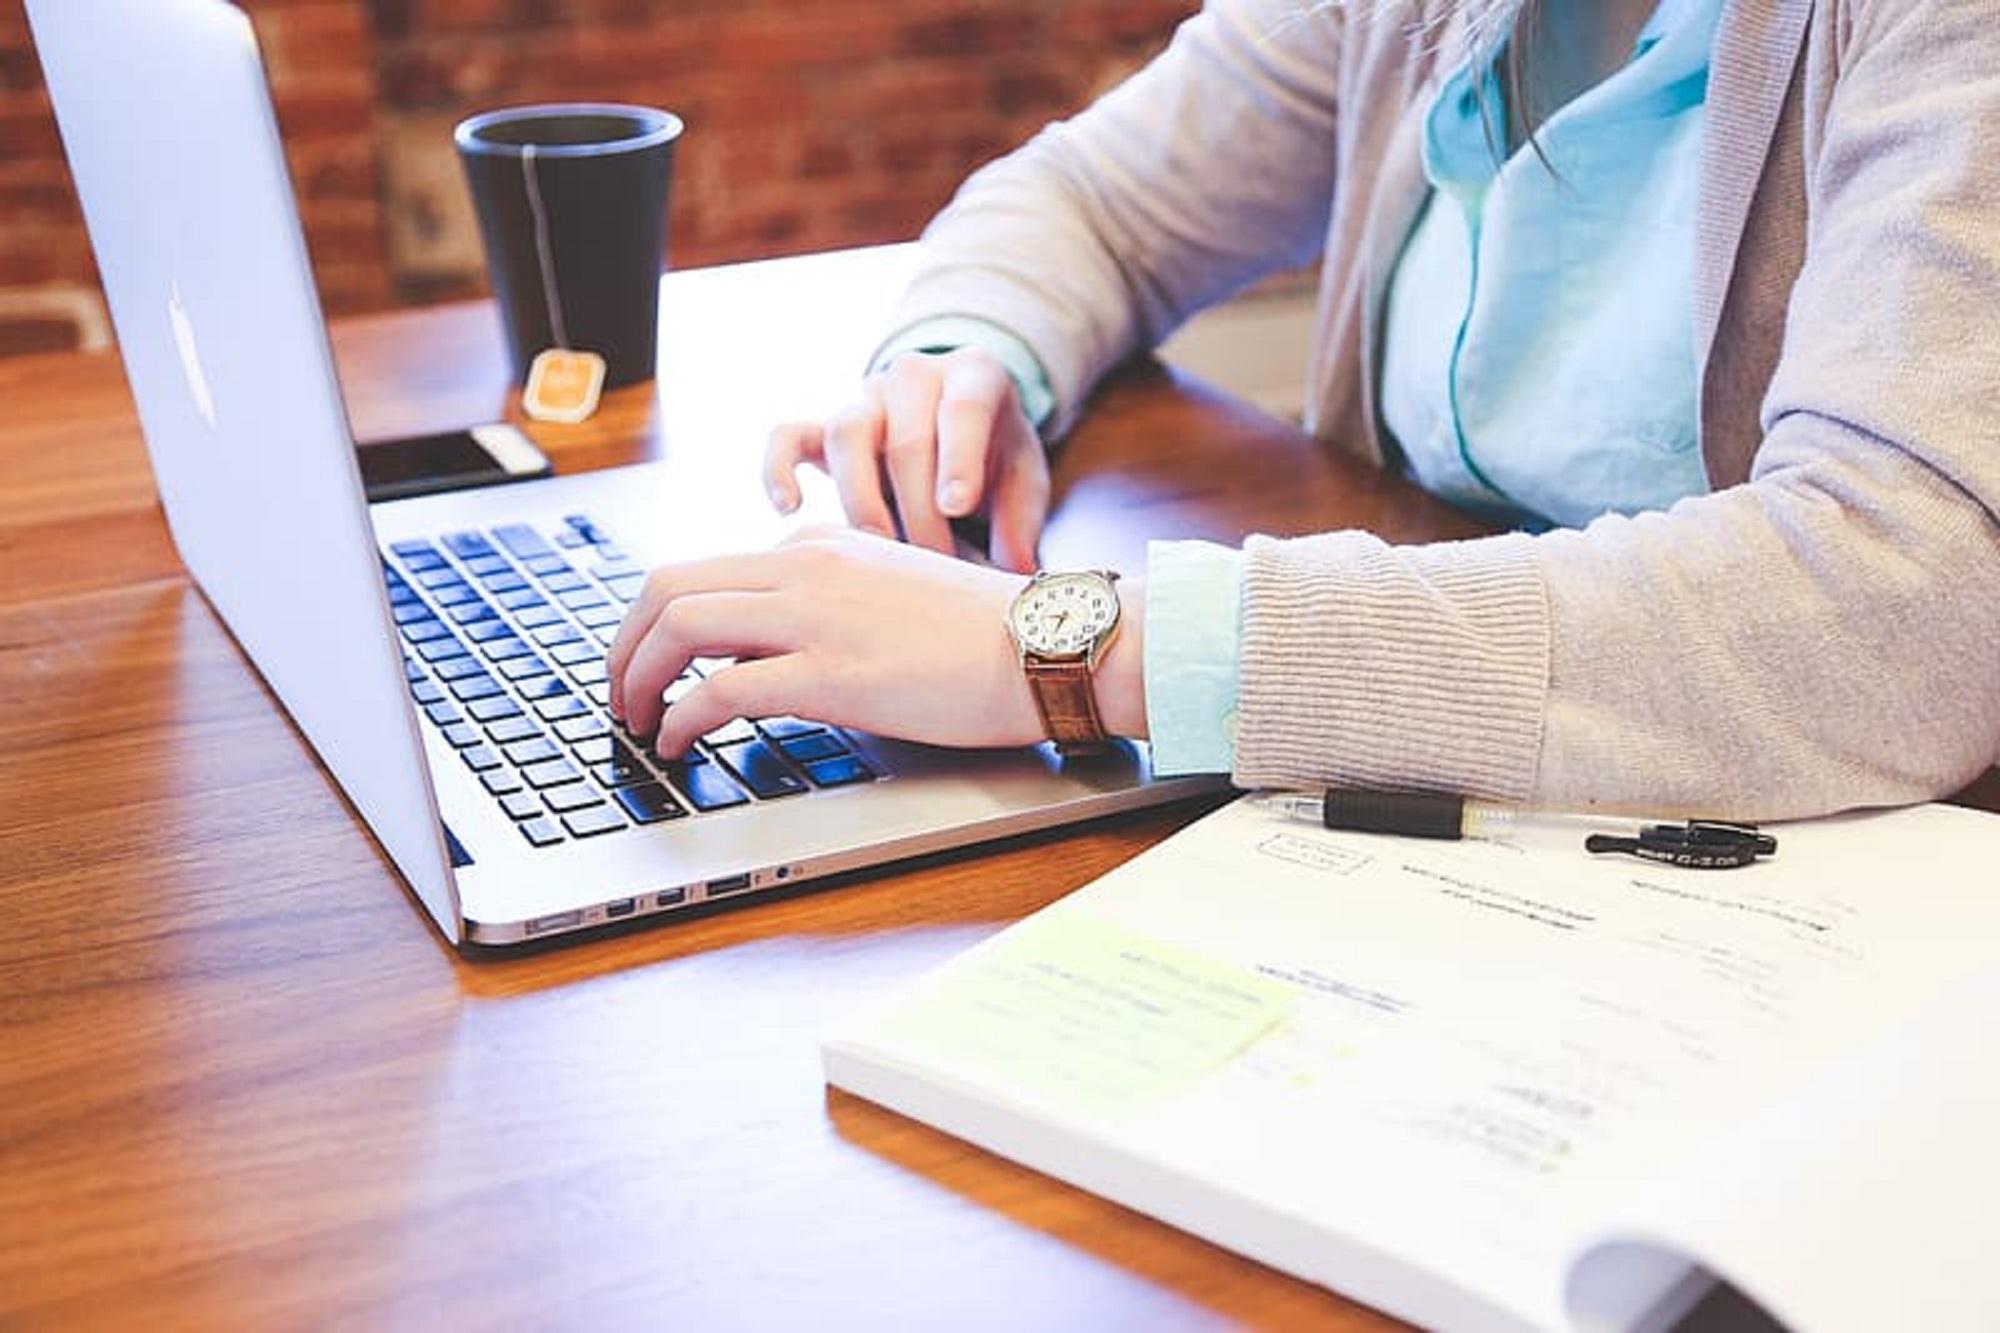 O teletrabalho é, segundo os especialistas, a forma mais eficiente de evitar um grande número de pessoas a deslocar-se para o local de trabalho.